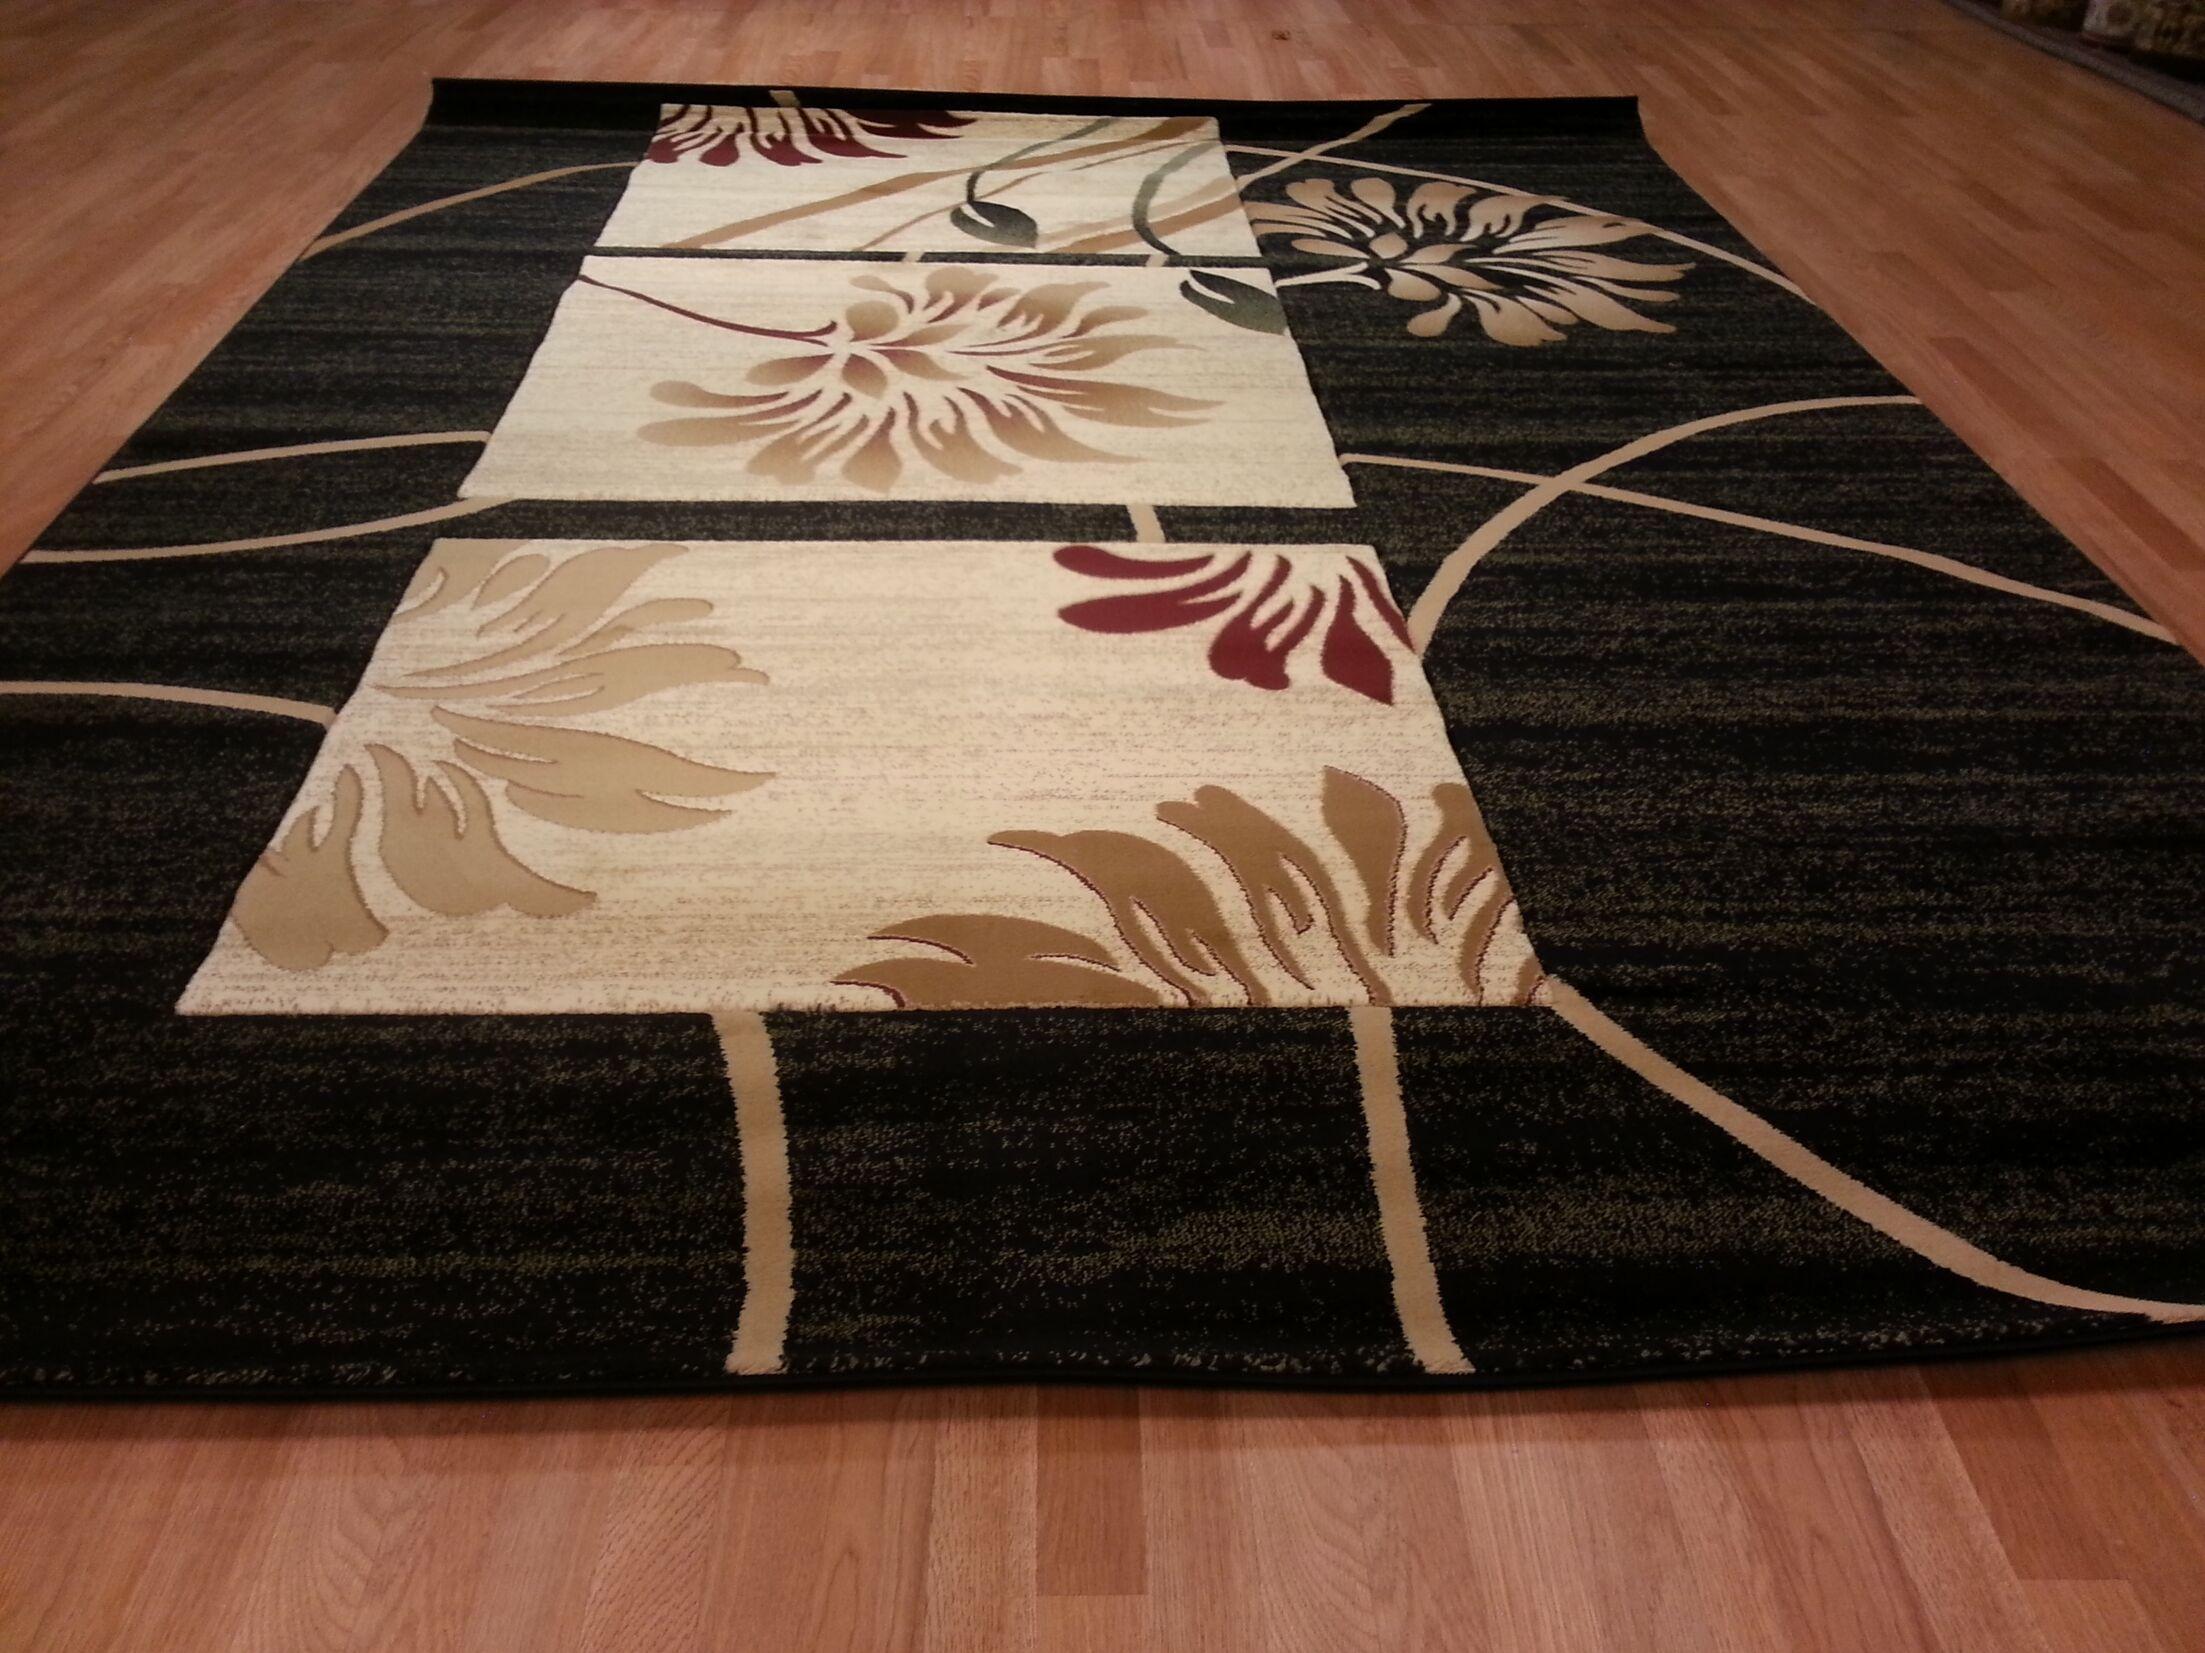 Hand-Carved Black Area Rug Rug Size: Runner 2' x 7'2